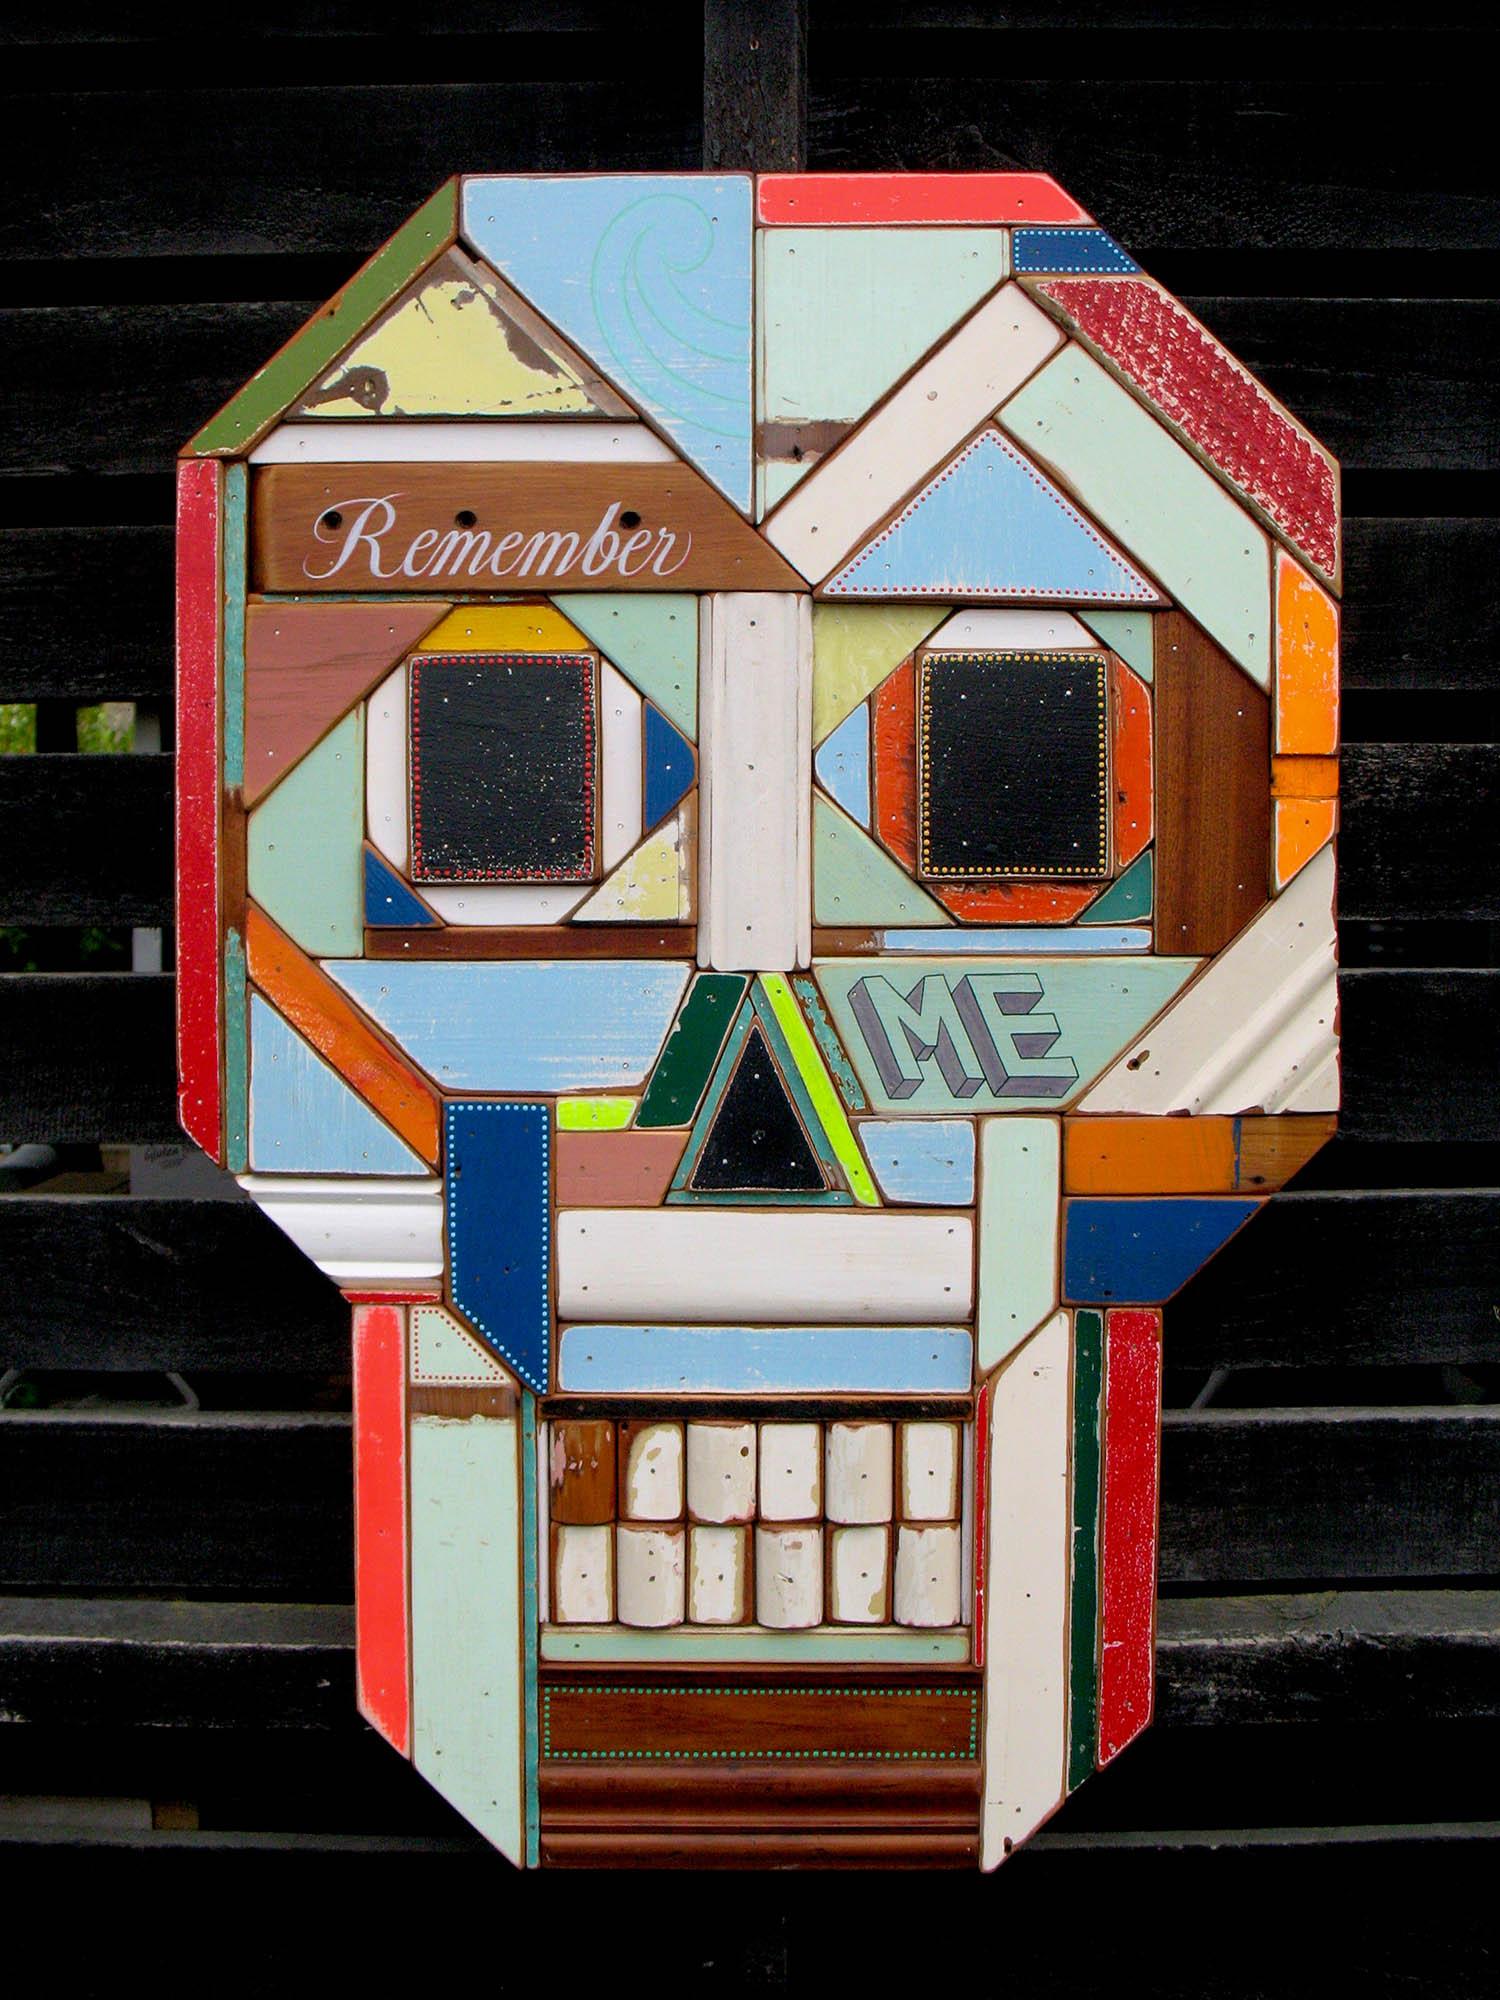 Remember-Me-2-by-Tony-Harrington